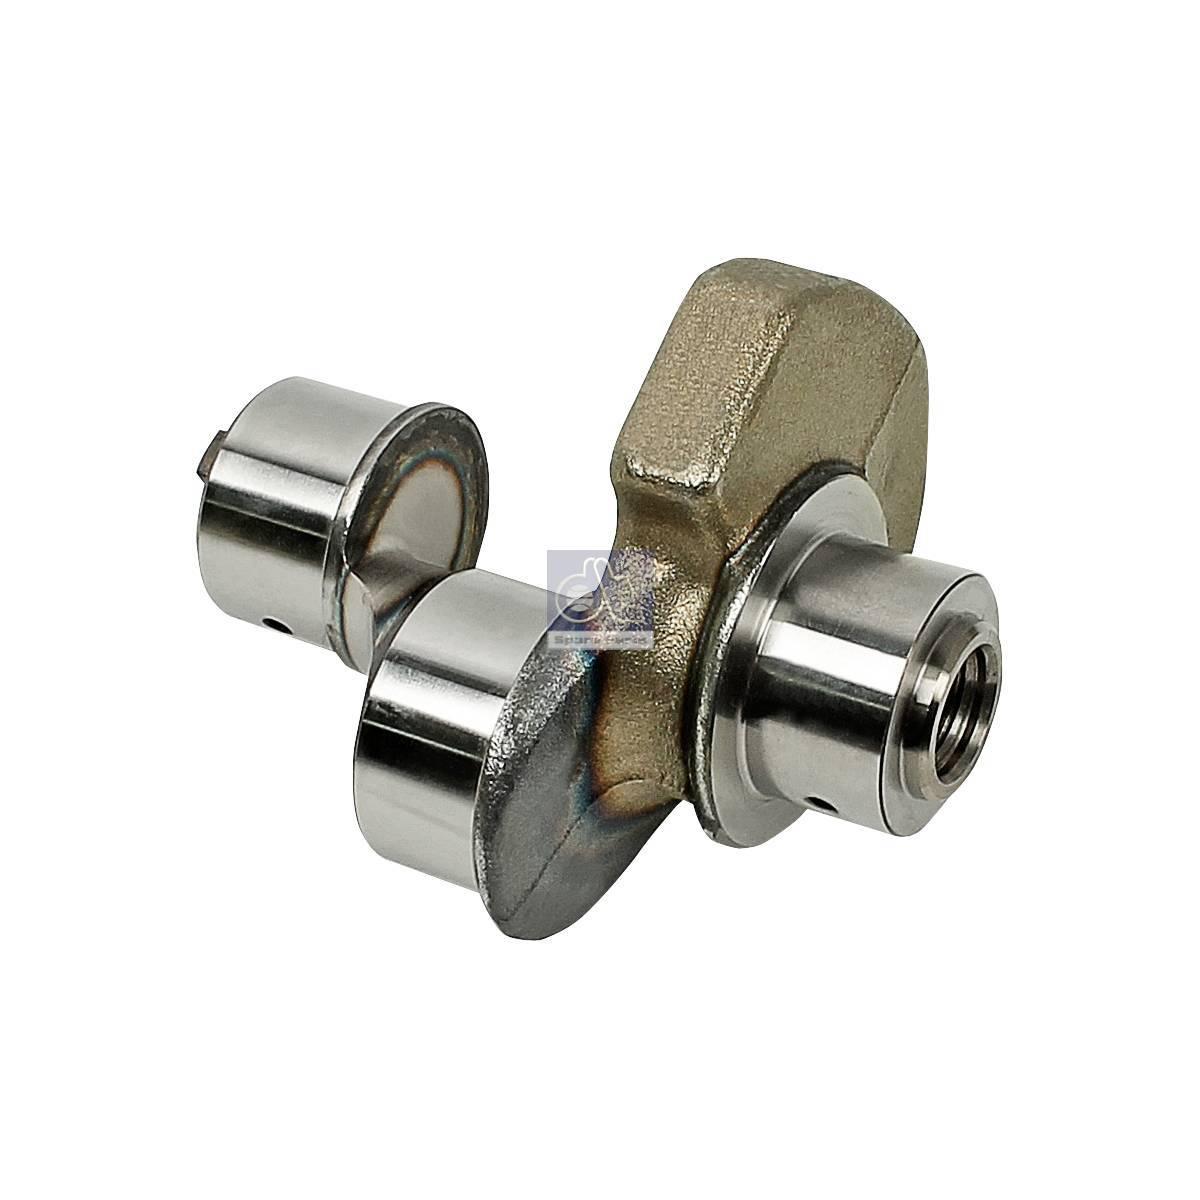 Crankshaft, compressor